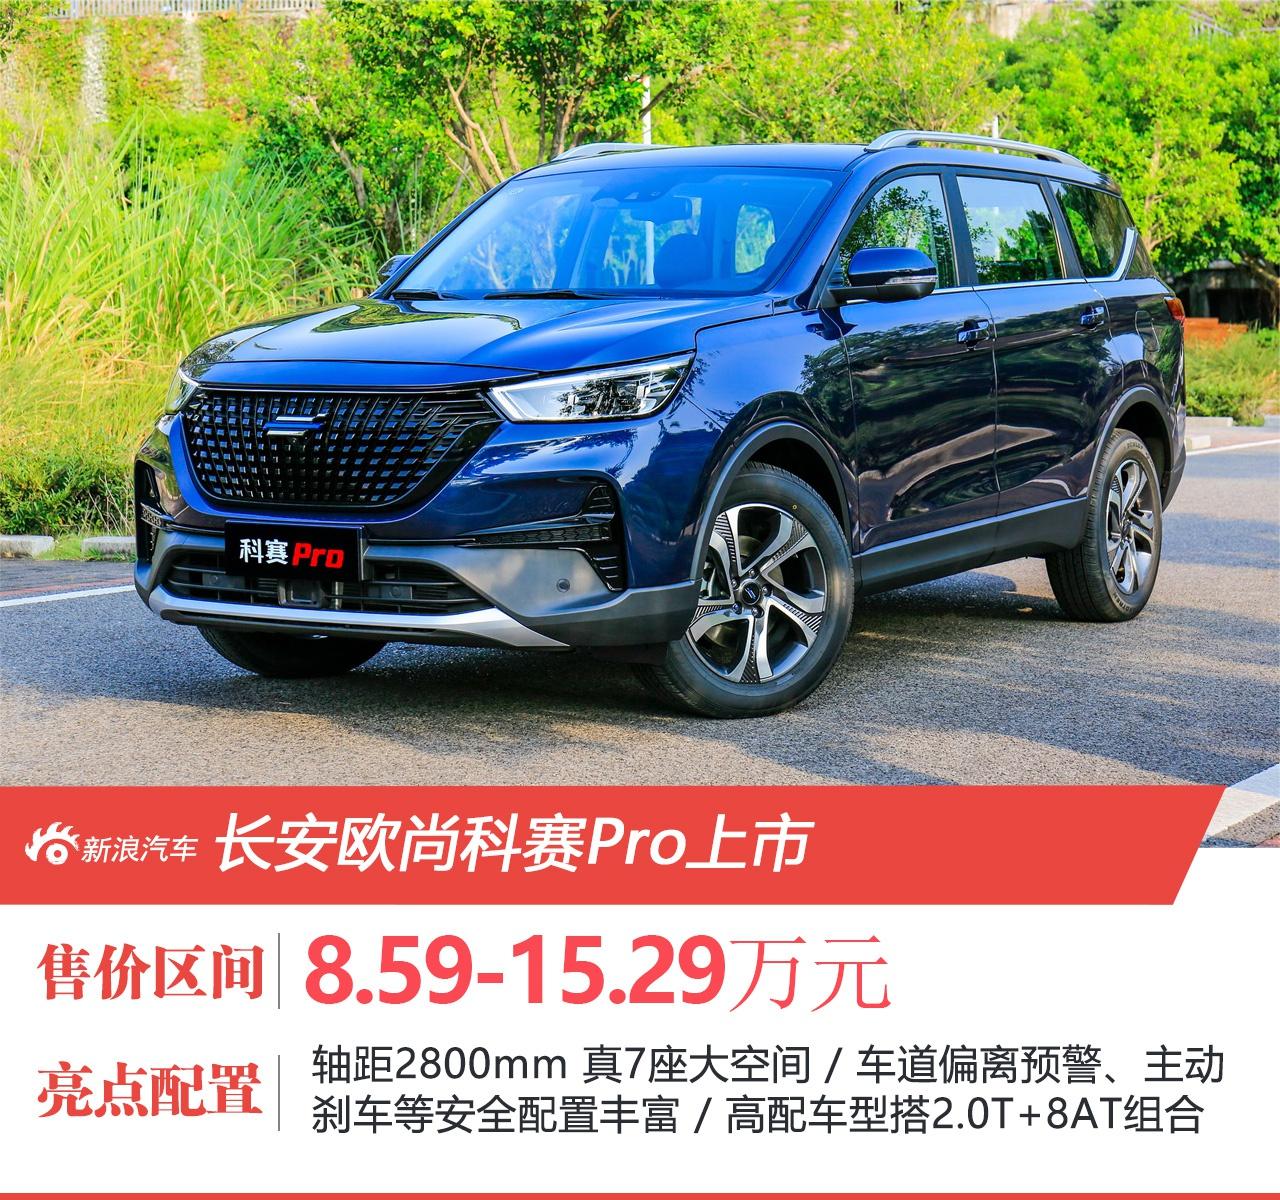 真7座SUV 长安欧尚科赛Pro上市 售8.59-15.29万元